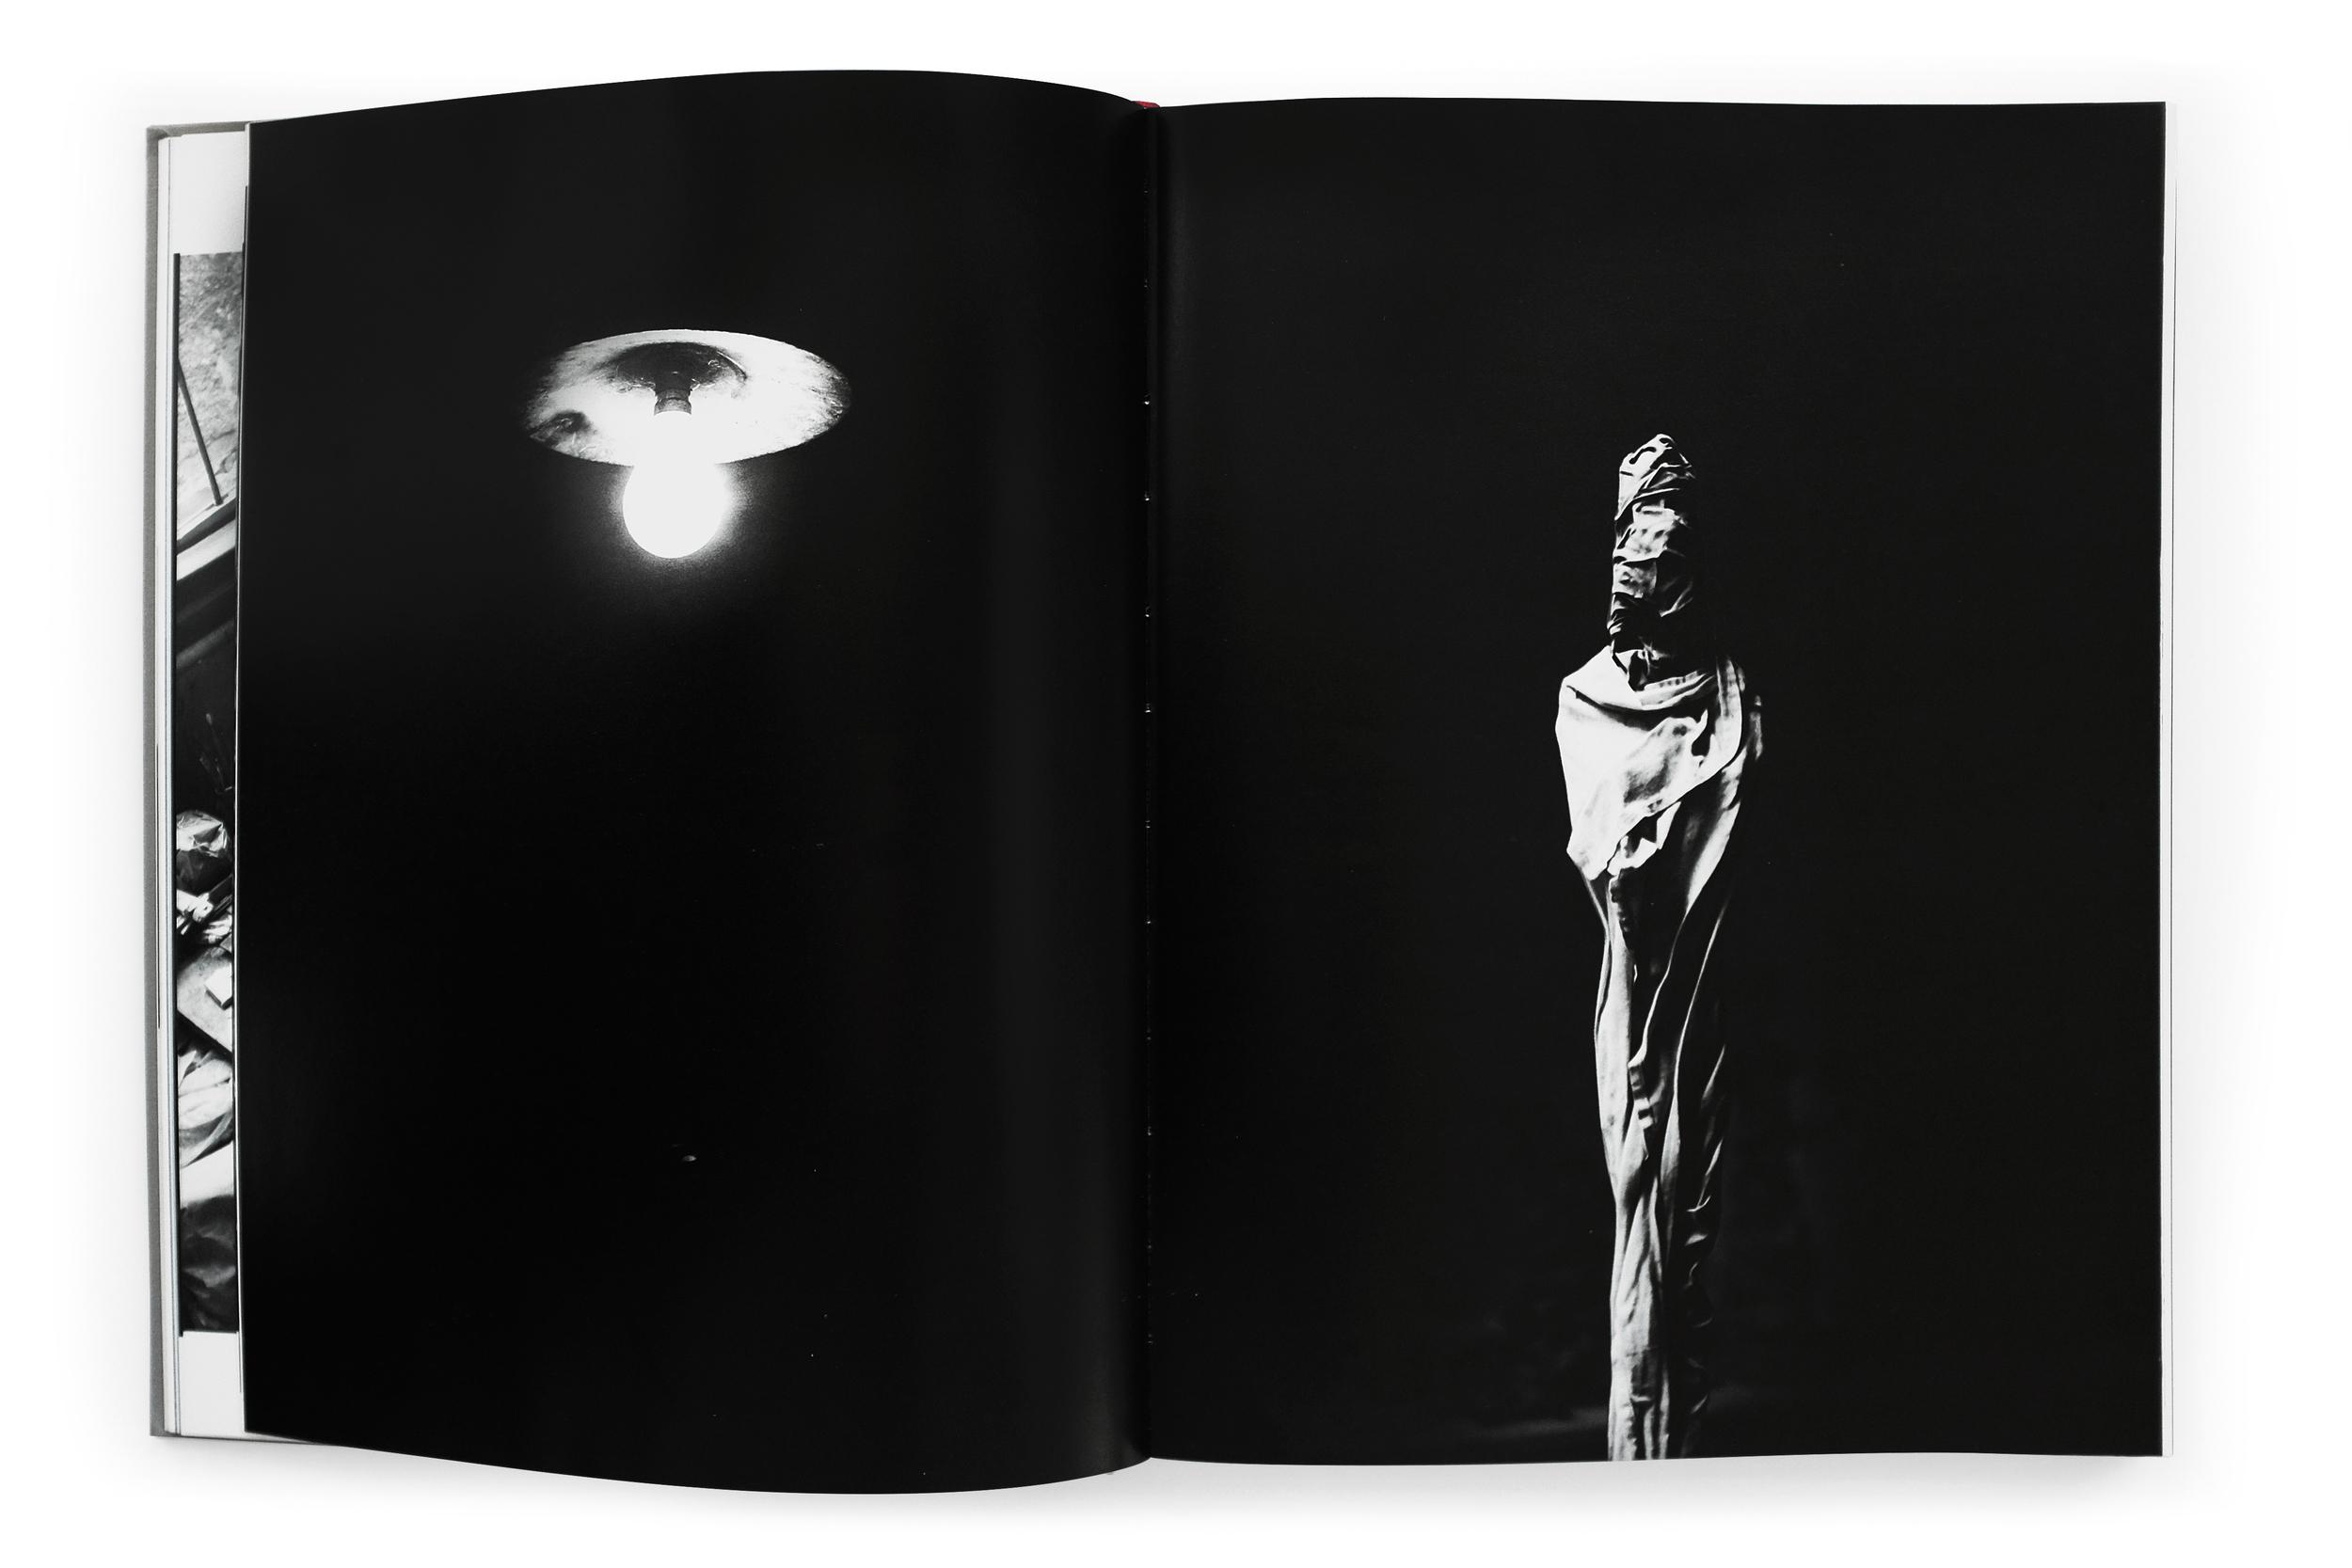 giacometti_book14.jpg